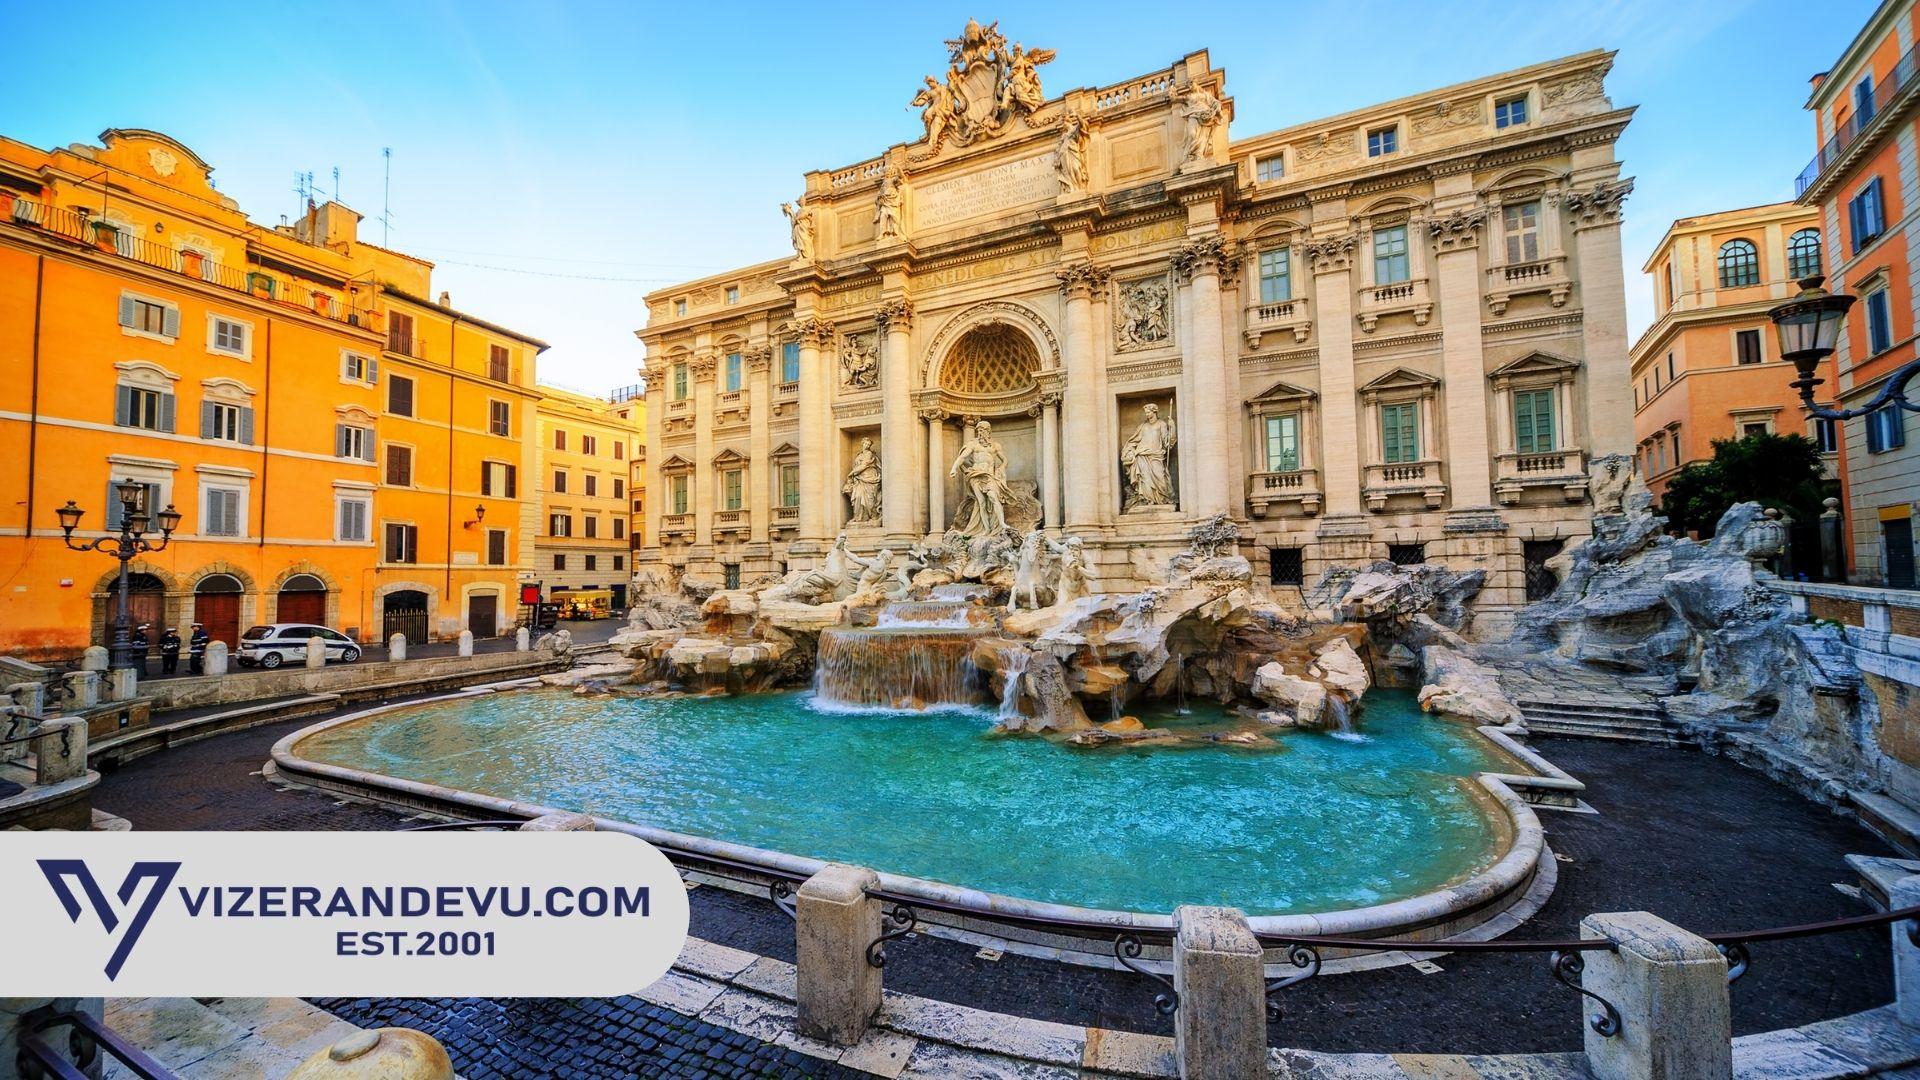 İtalya Vizesi: Randevu ve Başvuru (2021)